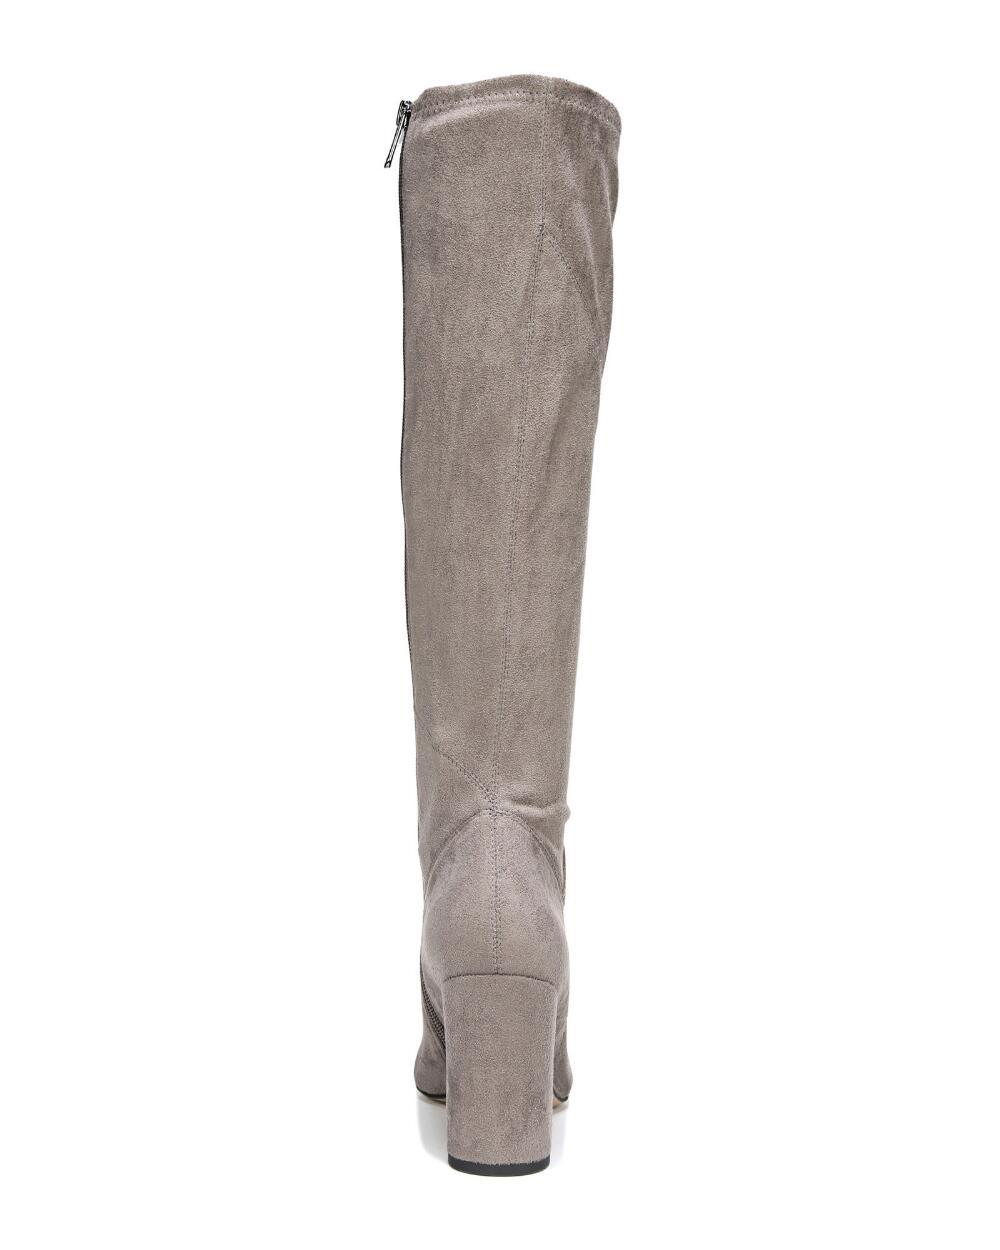 Franco Sarto damen FLAVIA Knee High Stiefel grau SUEDE SUEDE SUEDE ccc51d